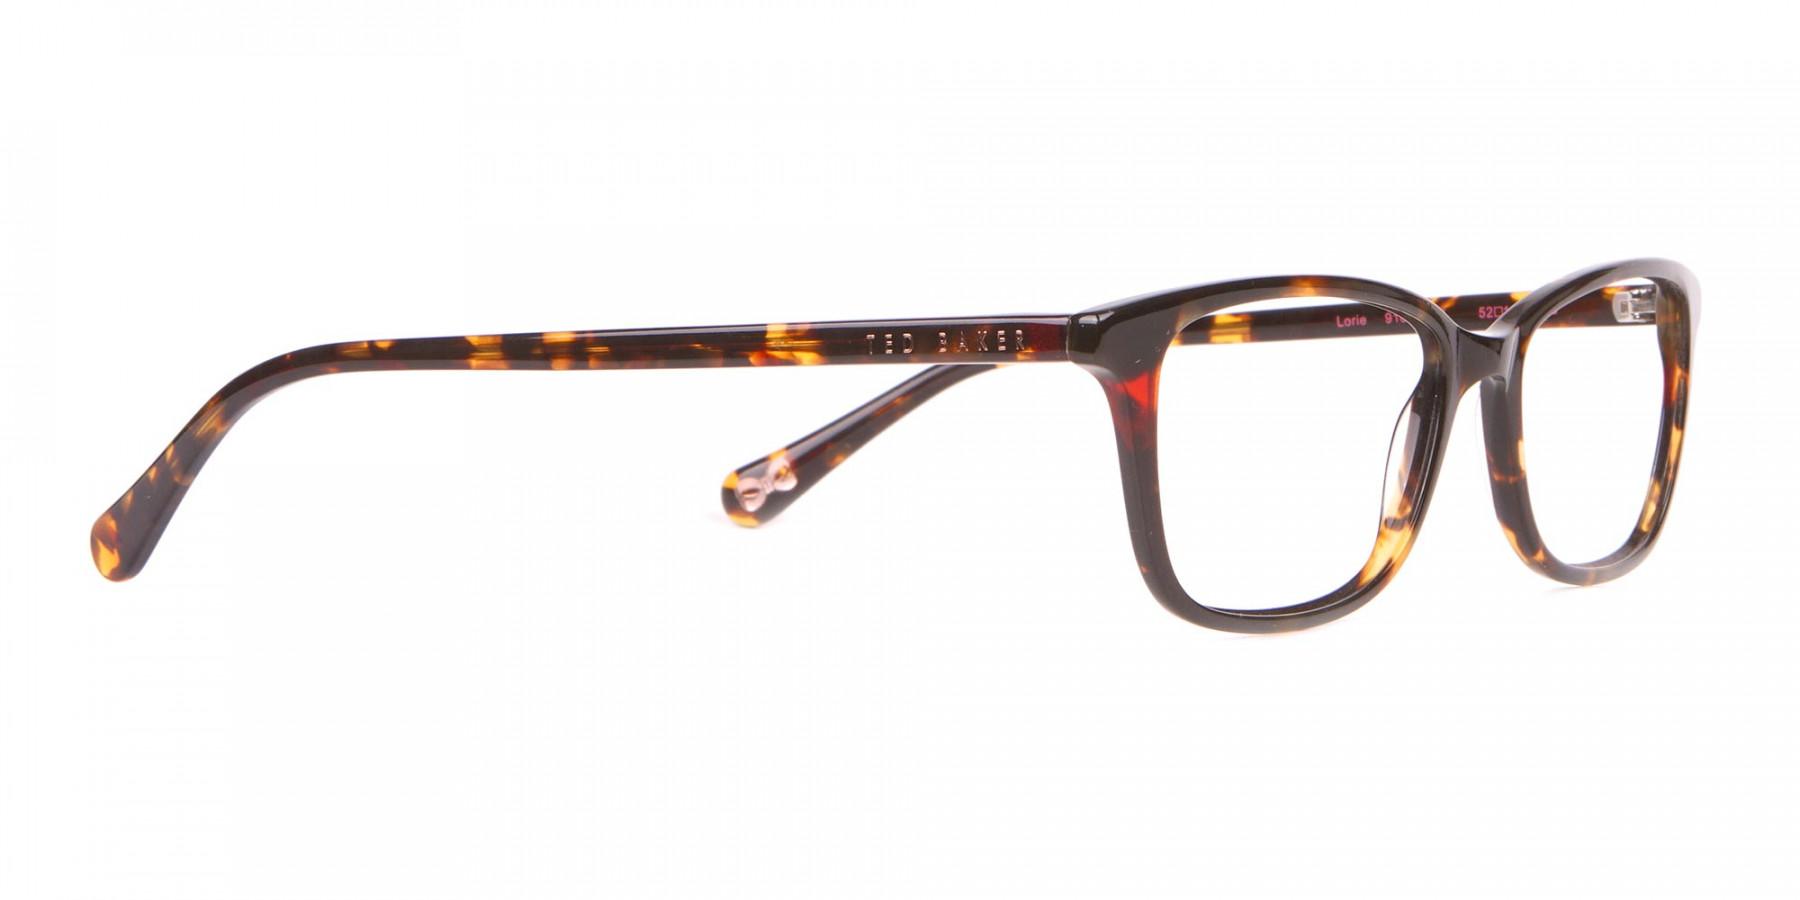 Ted Baker TB9162 Lorie Women Tortoise Rectangular Glasses-1